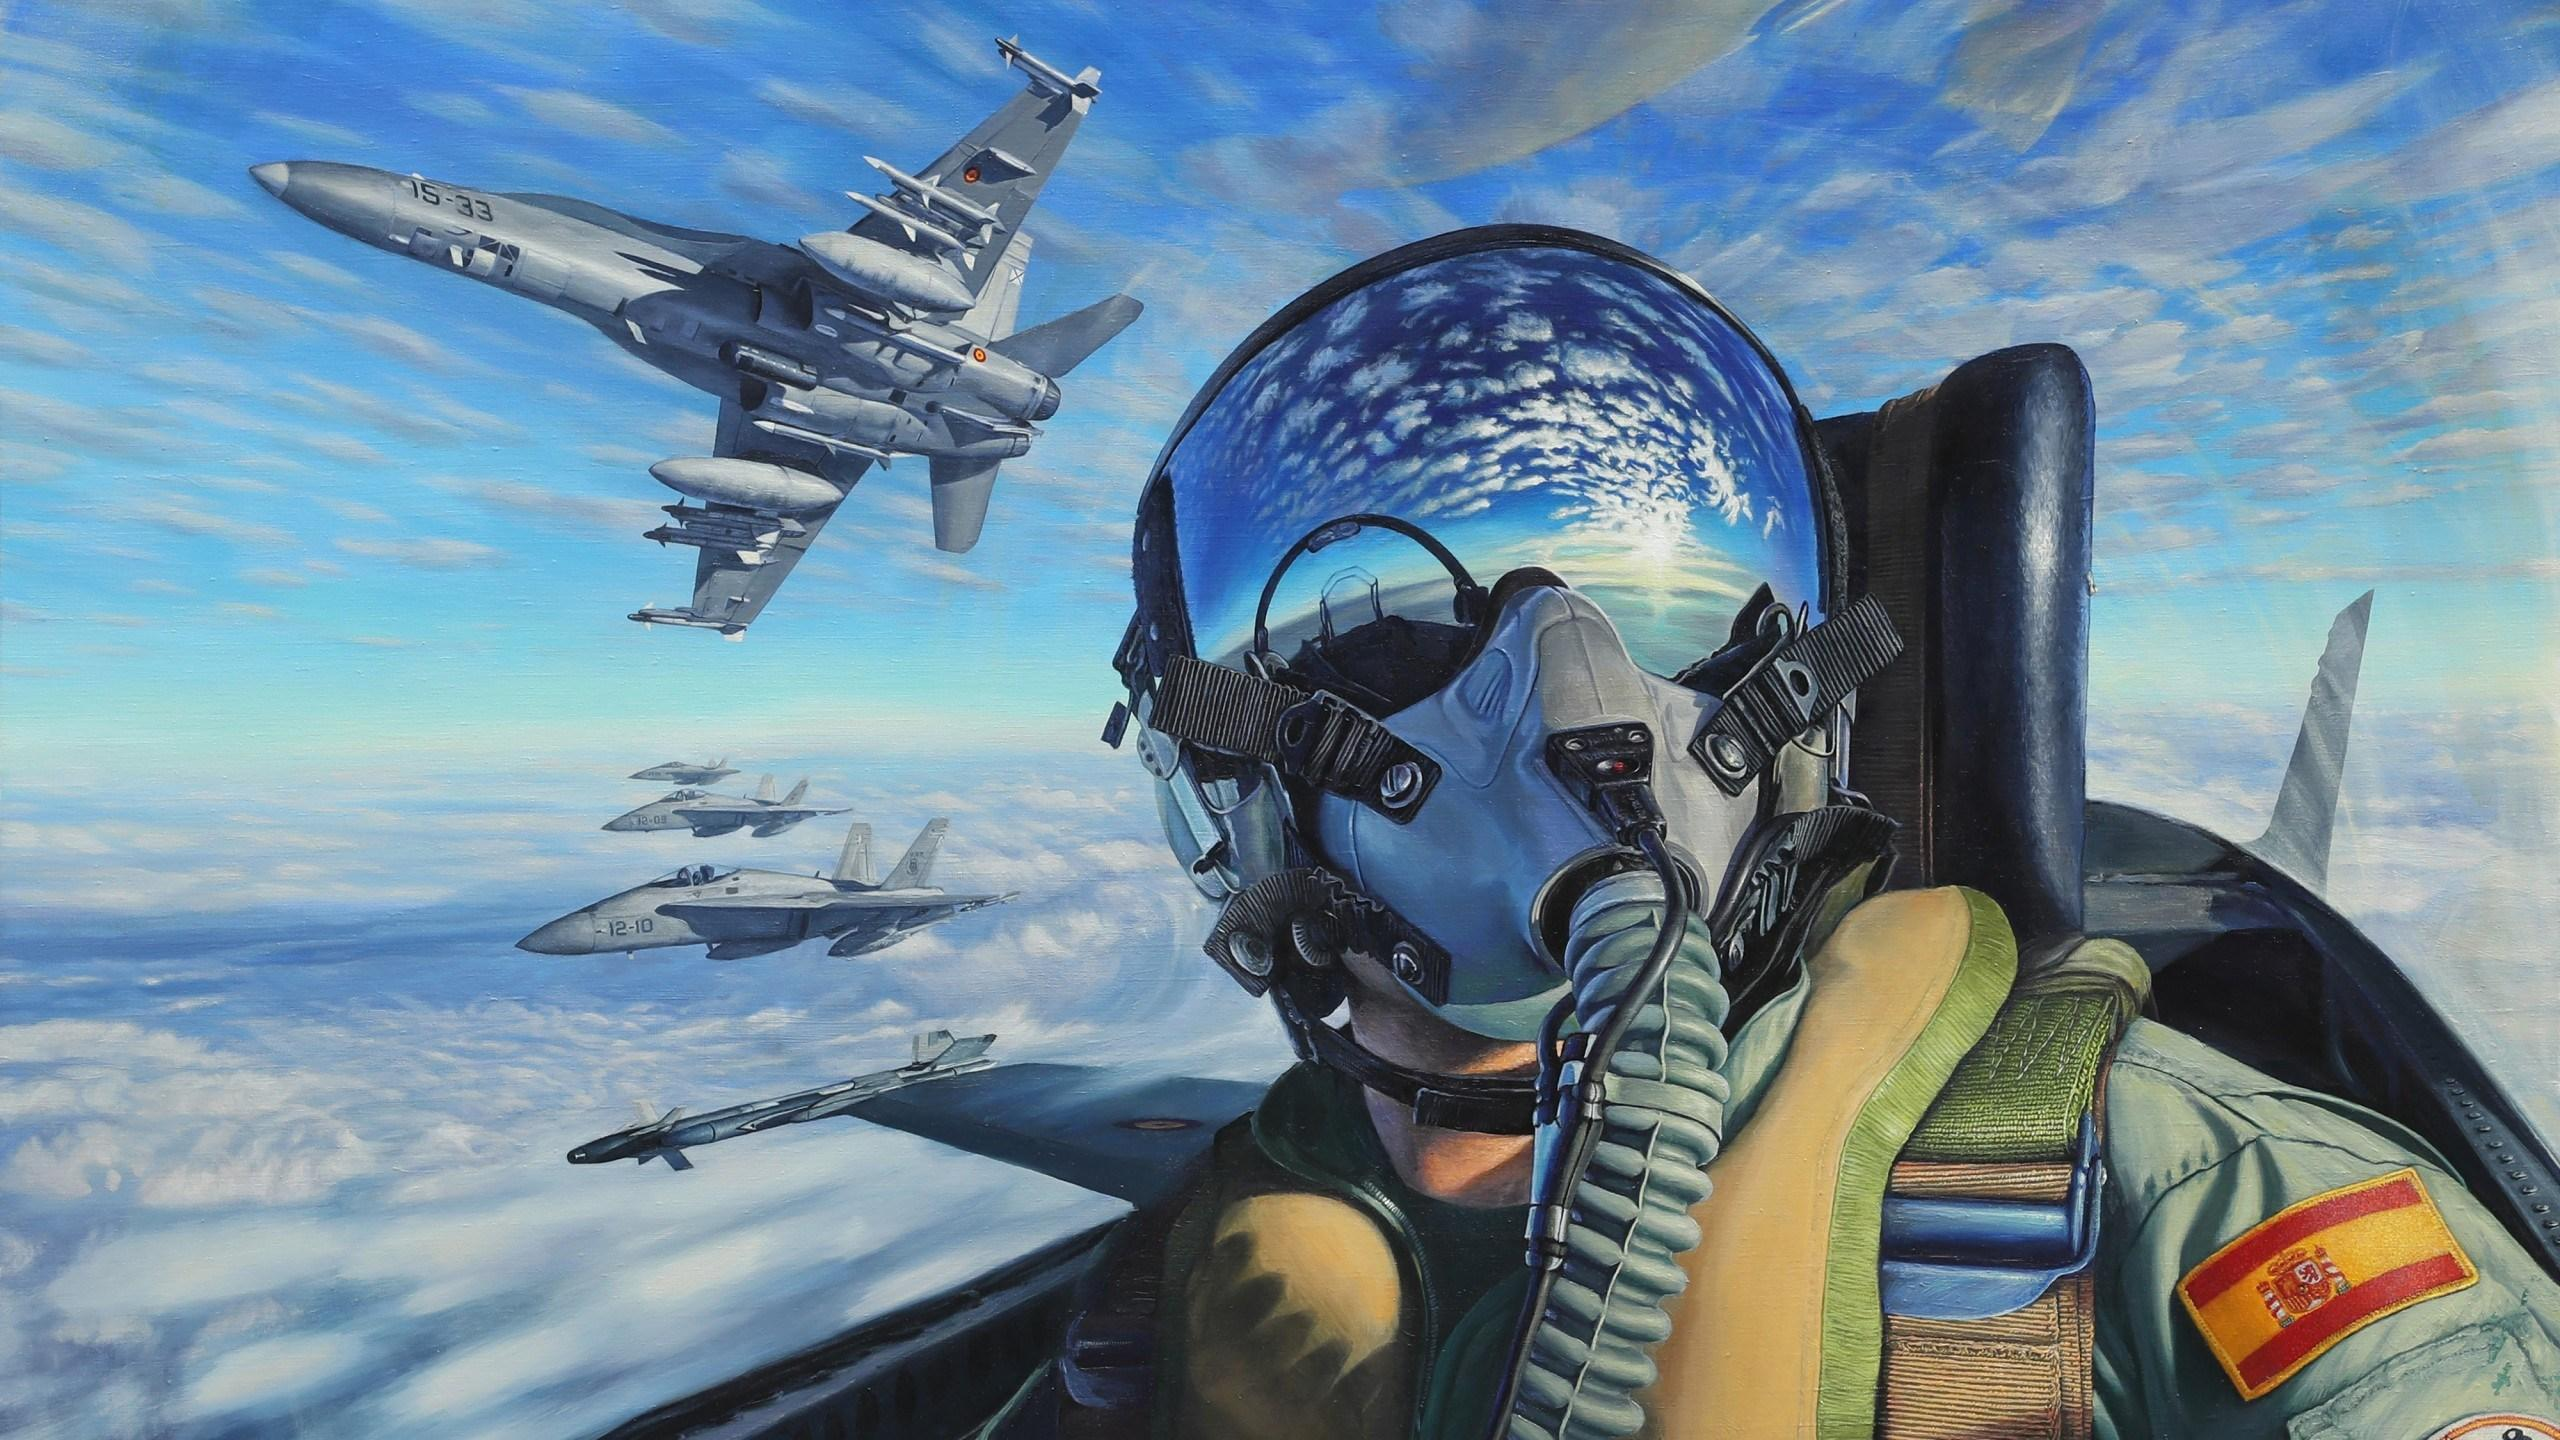 fighter jet background images